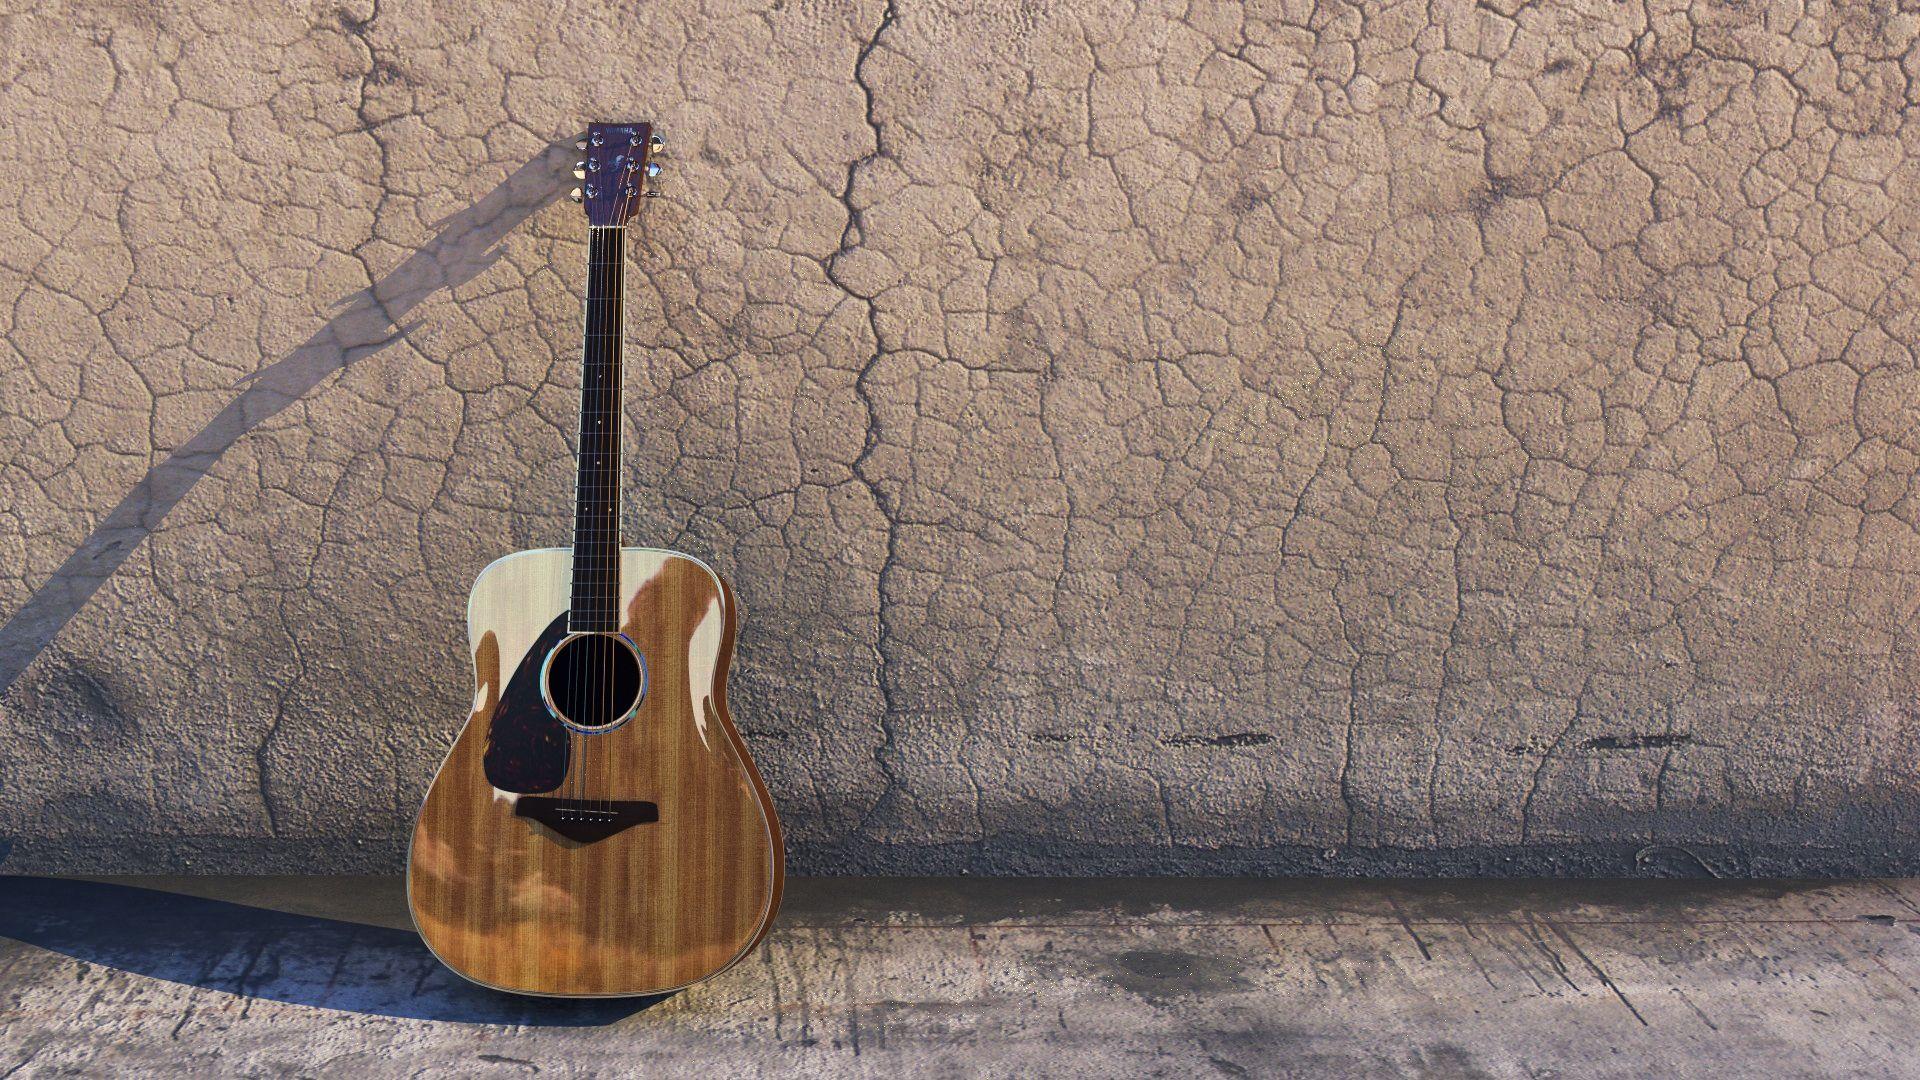 Acoustic Guitar, Desktop Wallpaper